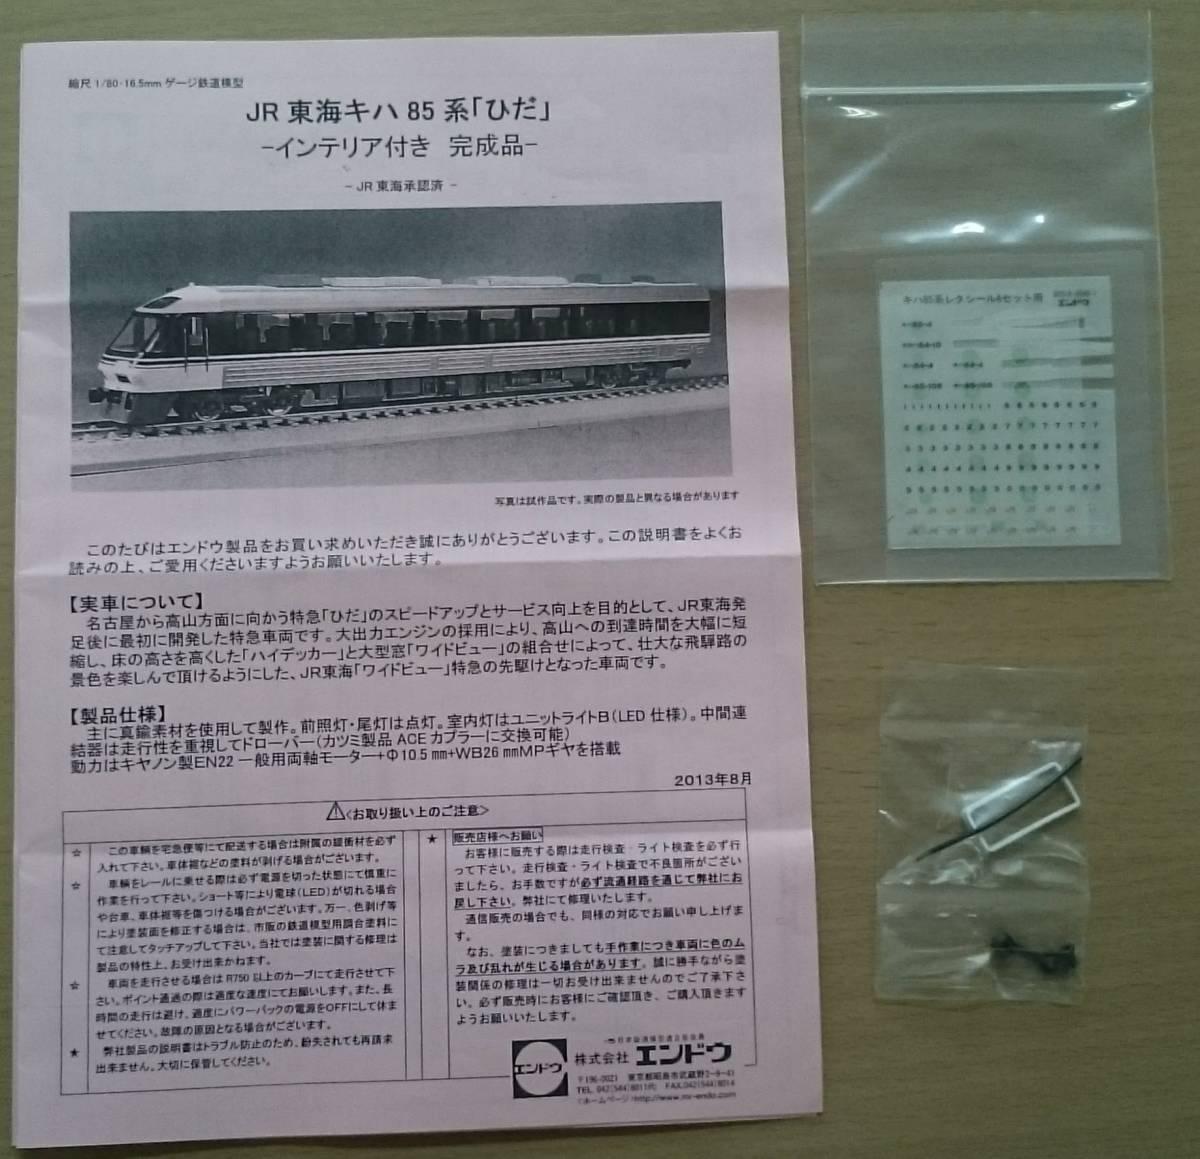 中古 JR東海キハ85系「ひだ」ーインテリア付 完成品ー 4両セット_画像7